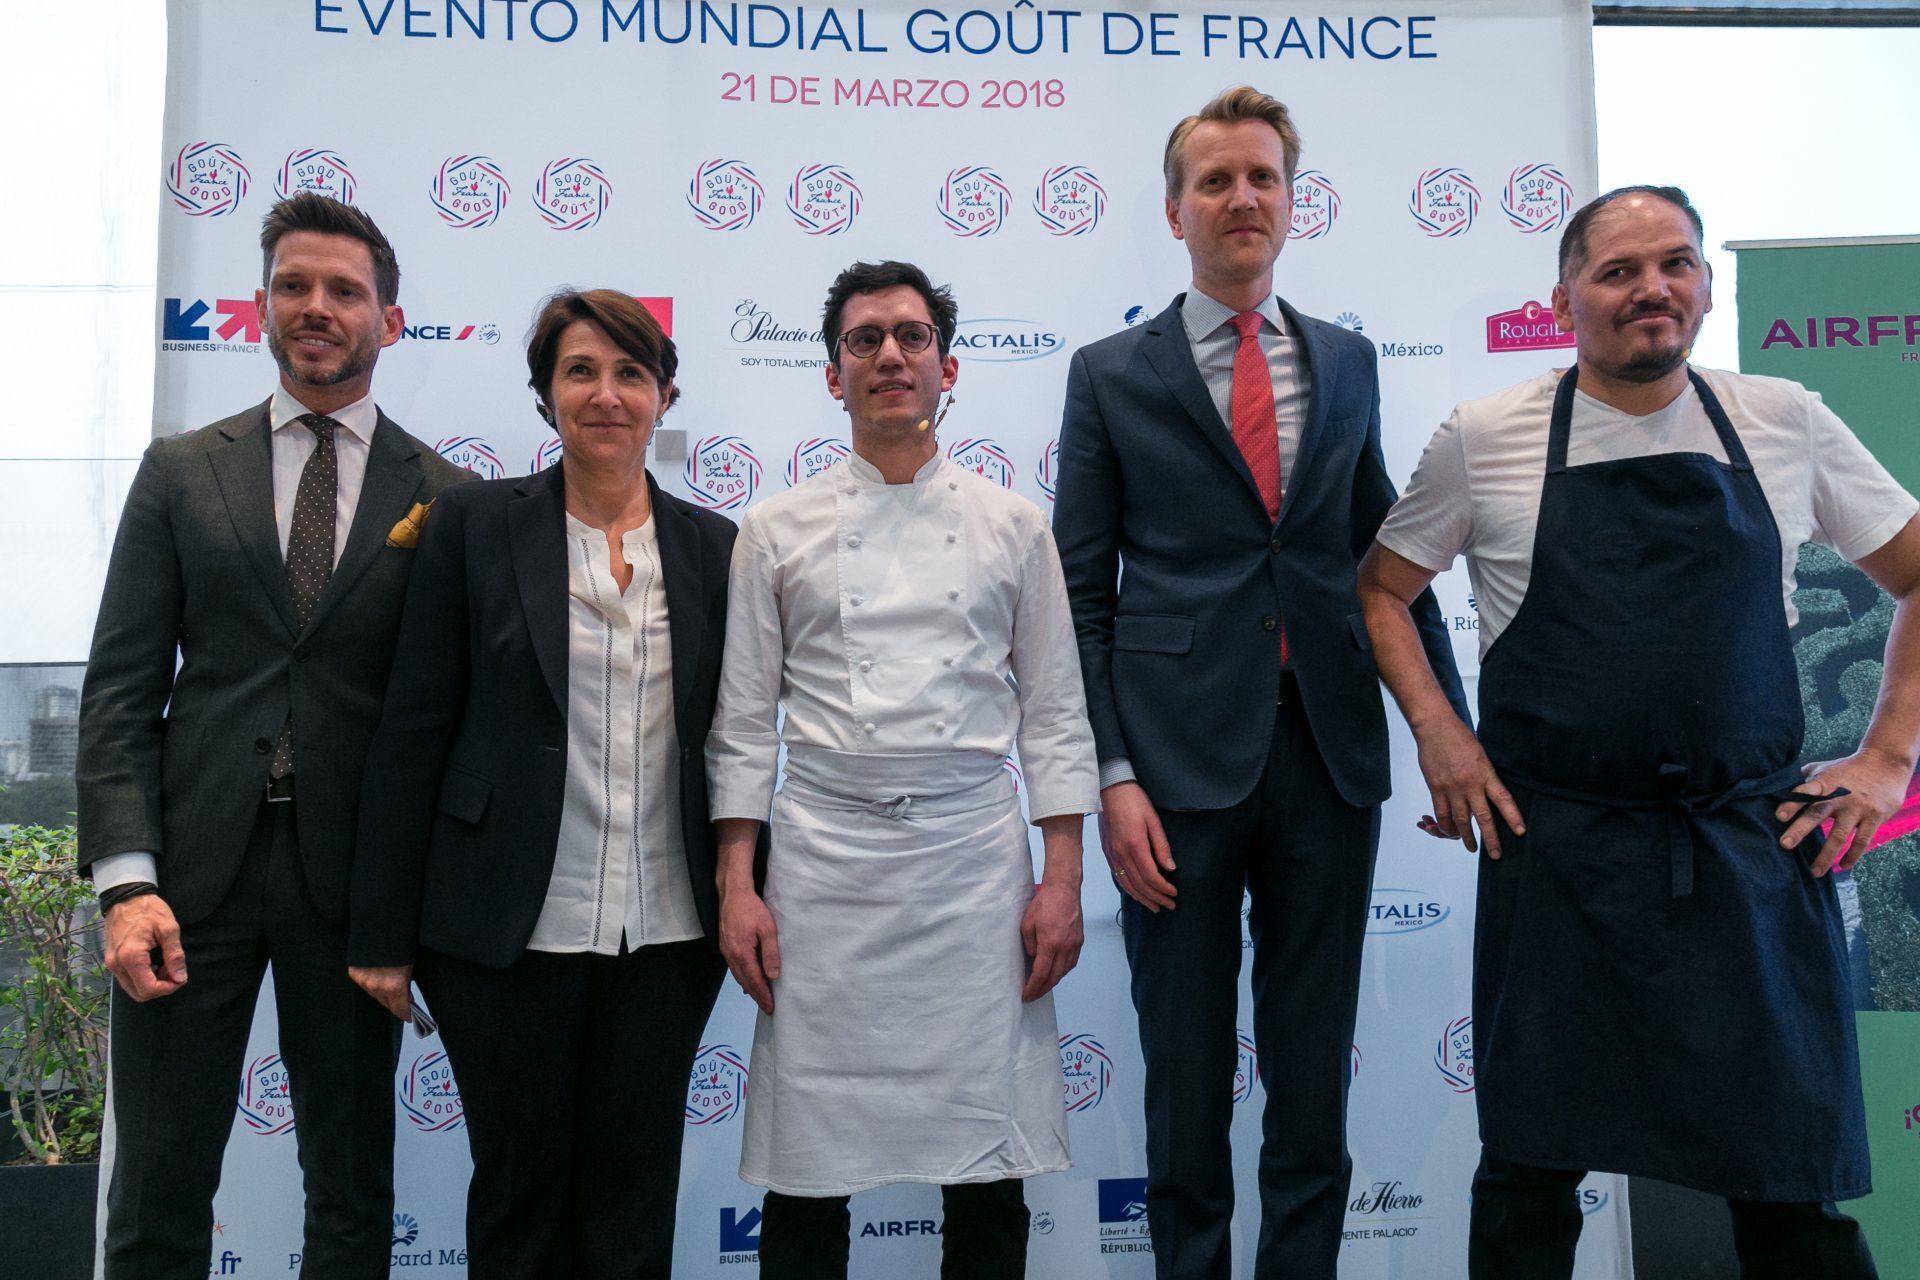 Celebra la cena francesa más grande del mundo con Goût de France